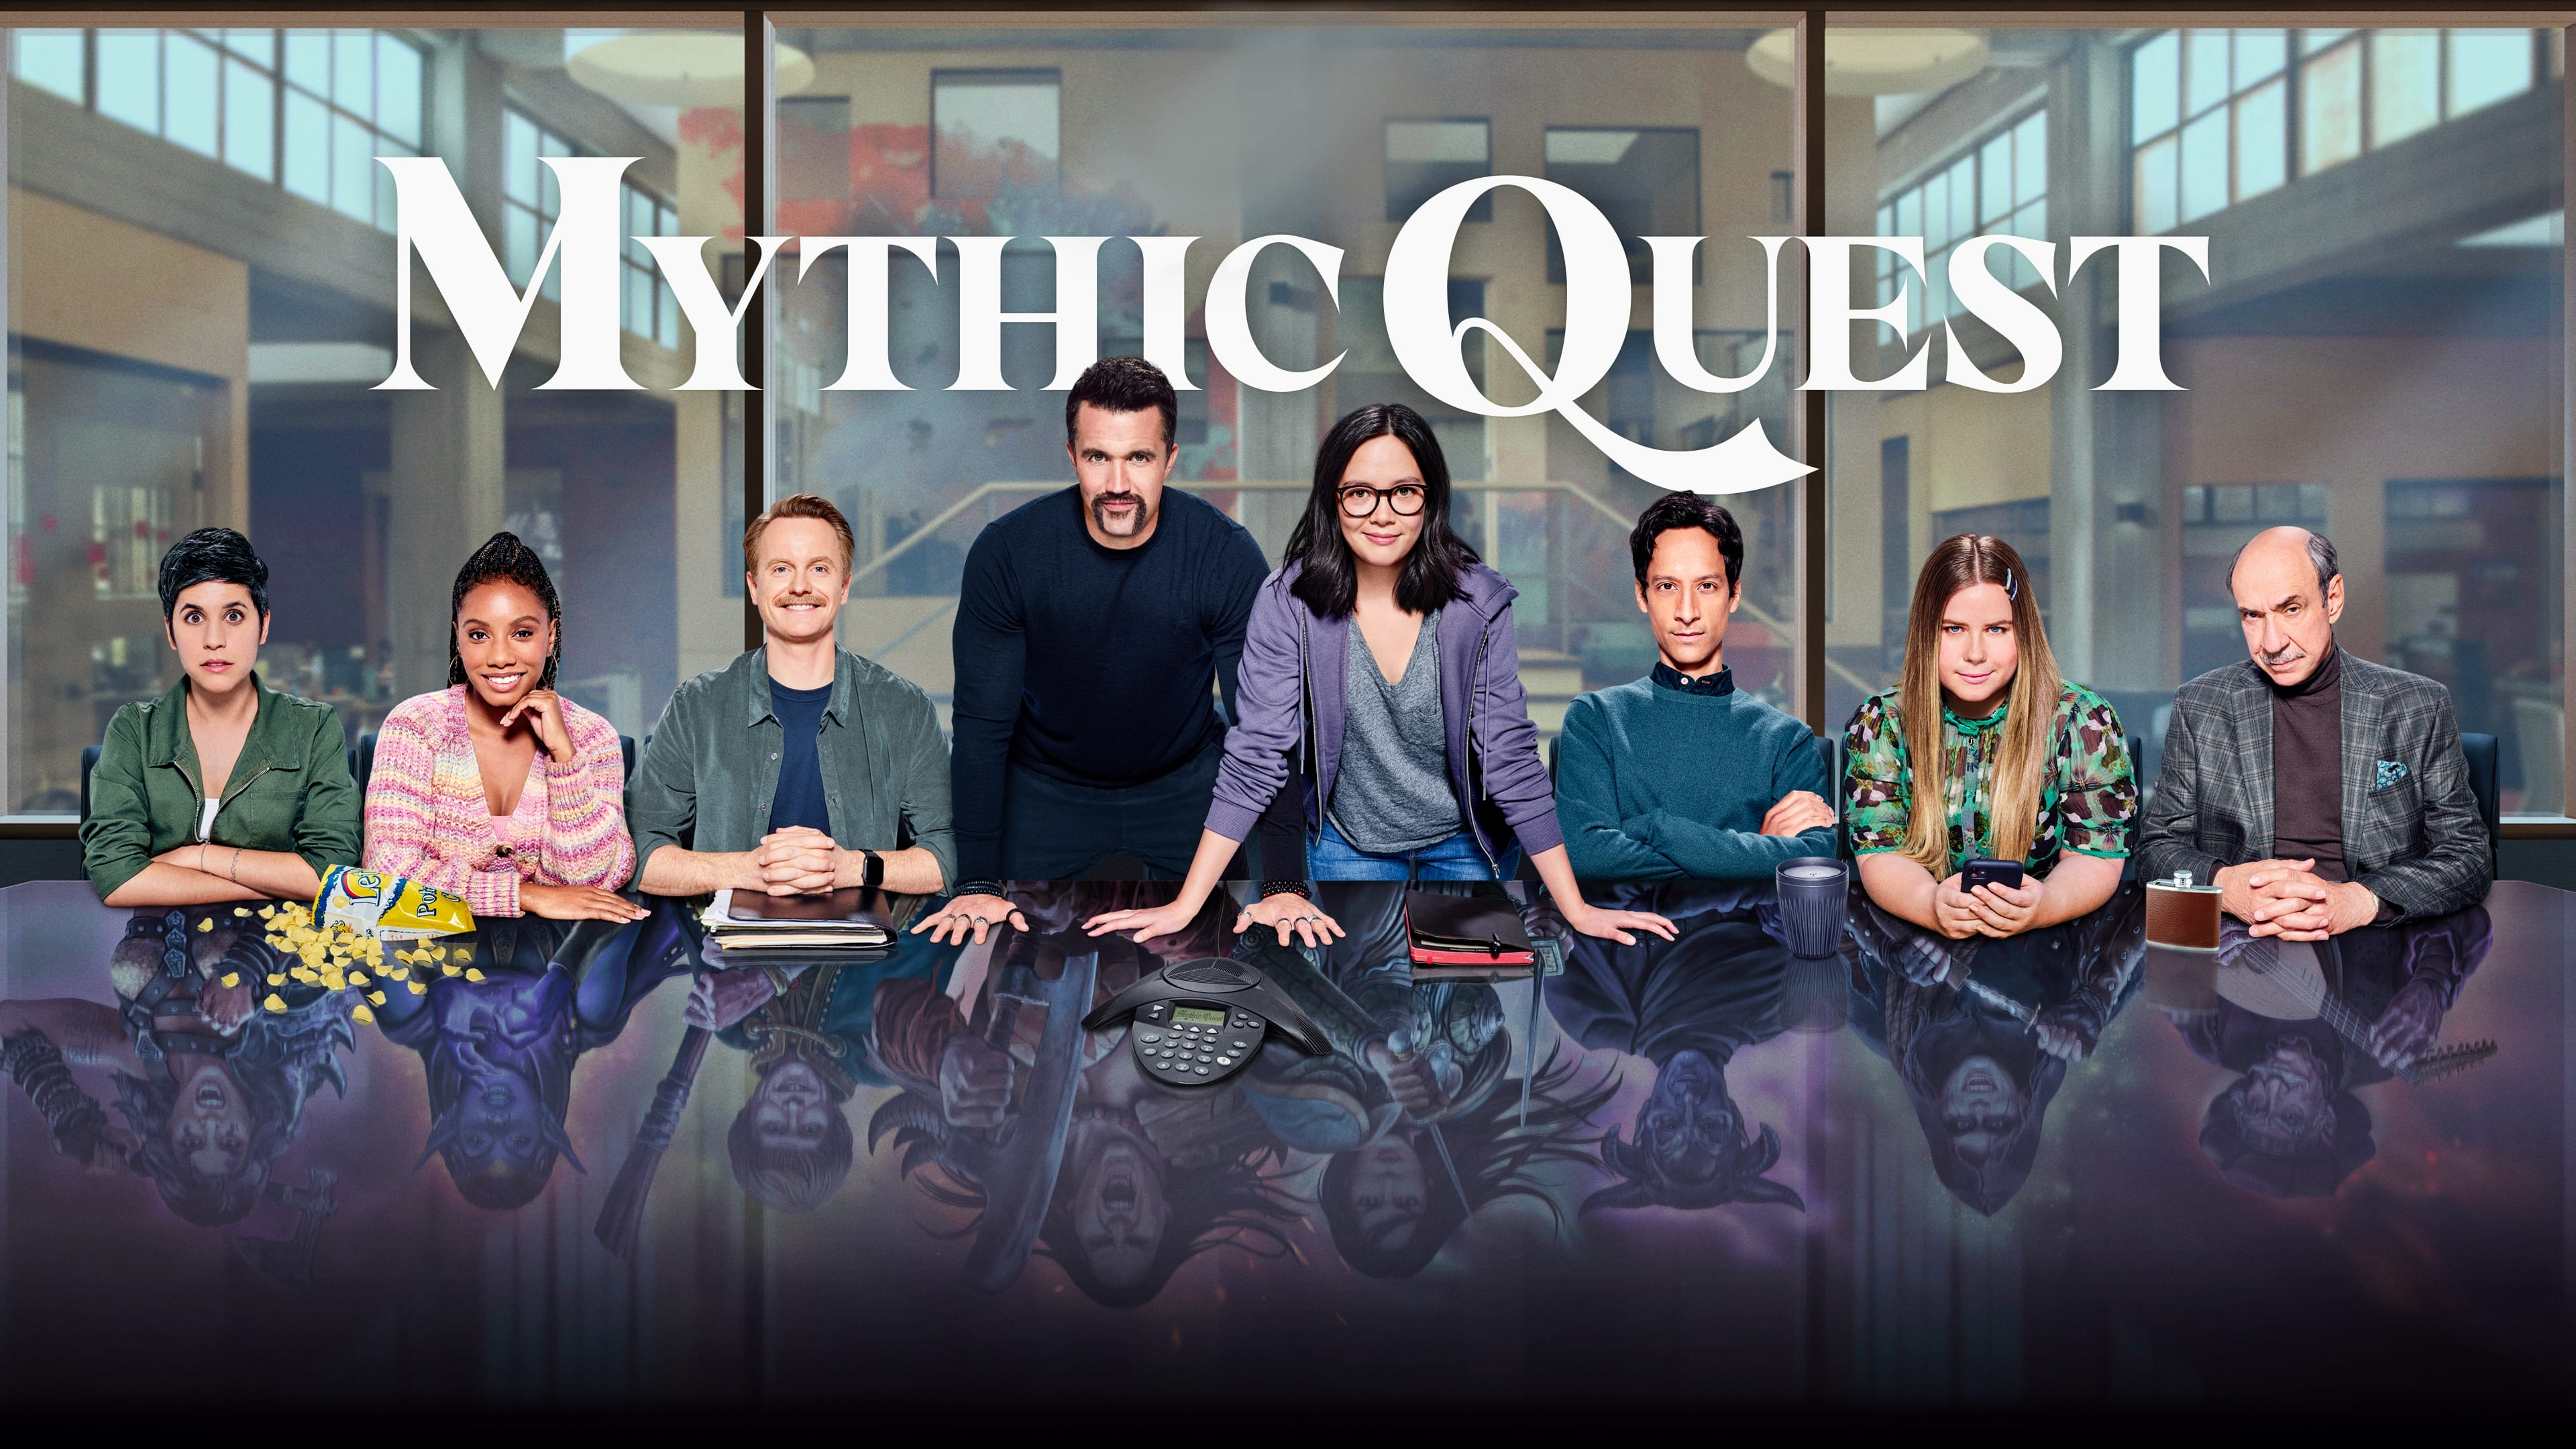 Mythic Quest: Banquete de cuervos